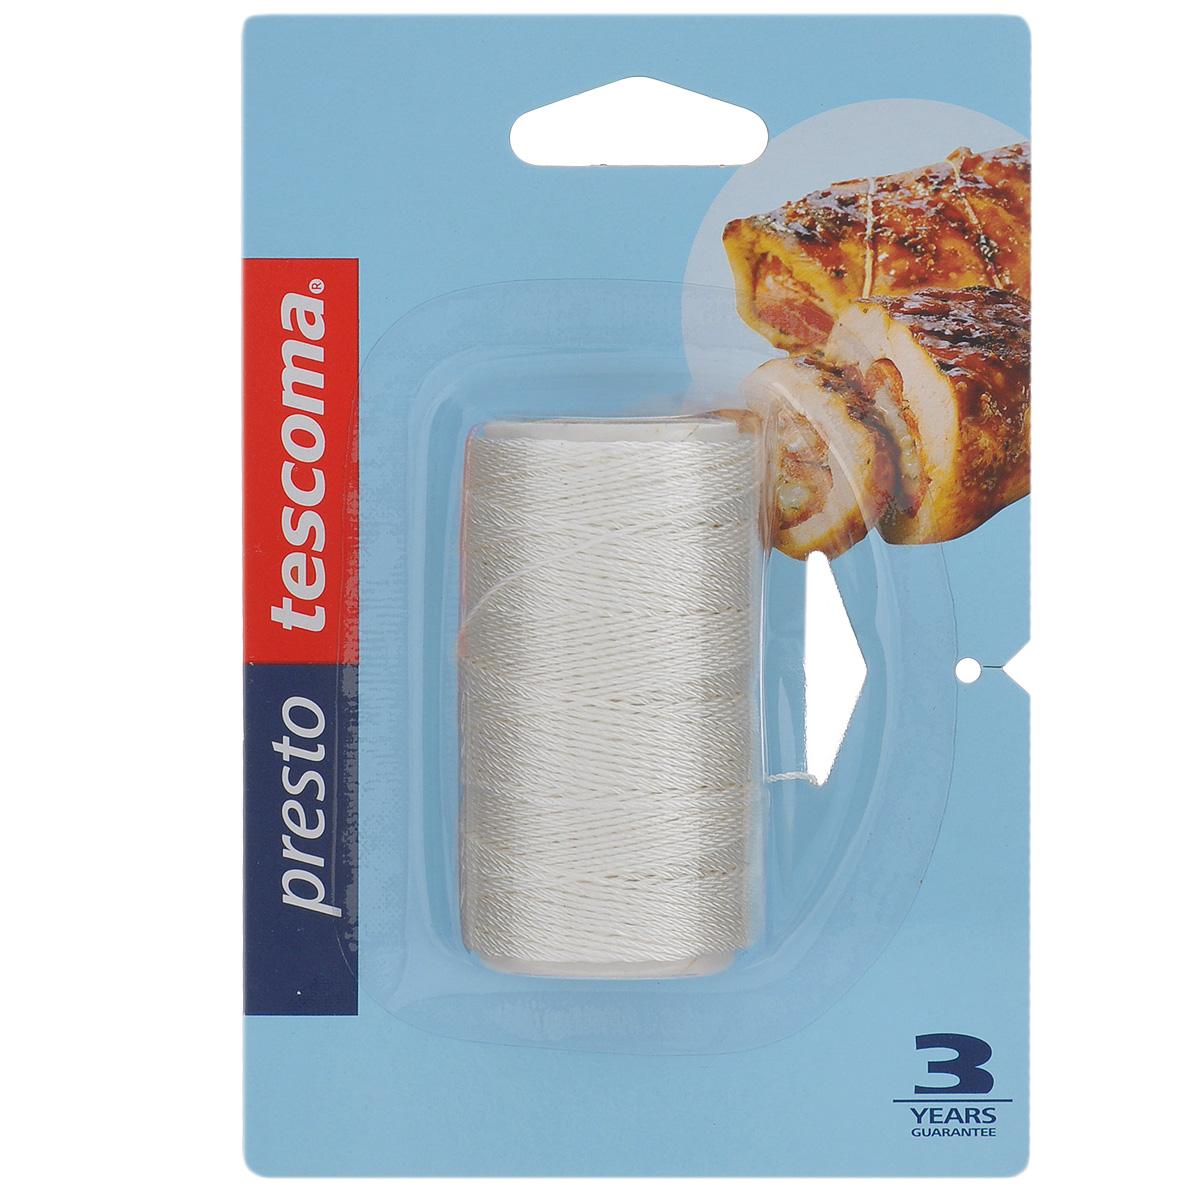 Веревка для выпечки Tescoma Presto, 40 м420588Веревка Tescoma Presto отлично подходит для связывания мясных рулетов, птицы, овощей, выпечки, жарки, варки и обрабатывания паром. Изготовлена из прочного волокна, выдерживает температуру до 250°C, подходит для всех типов печей, в том числе СВЧ.